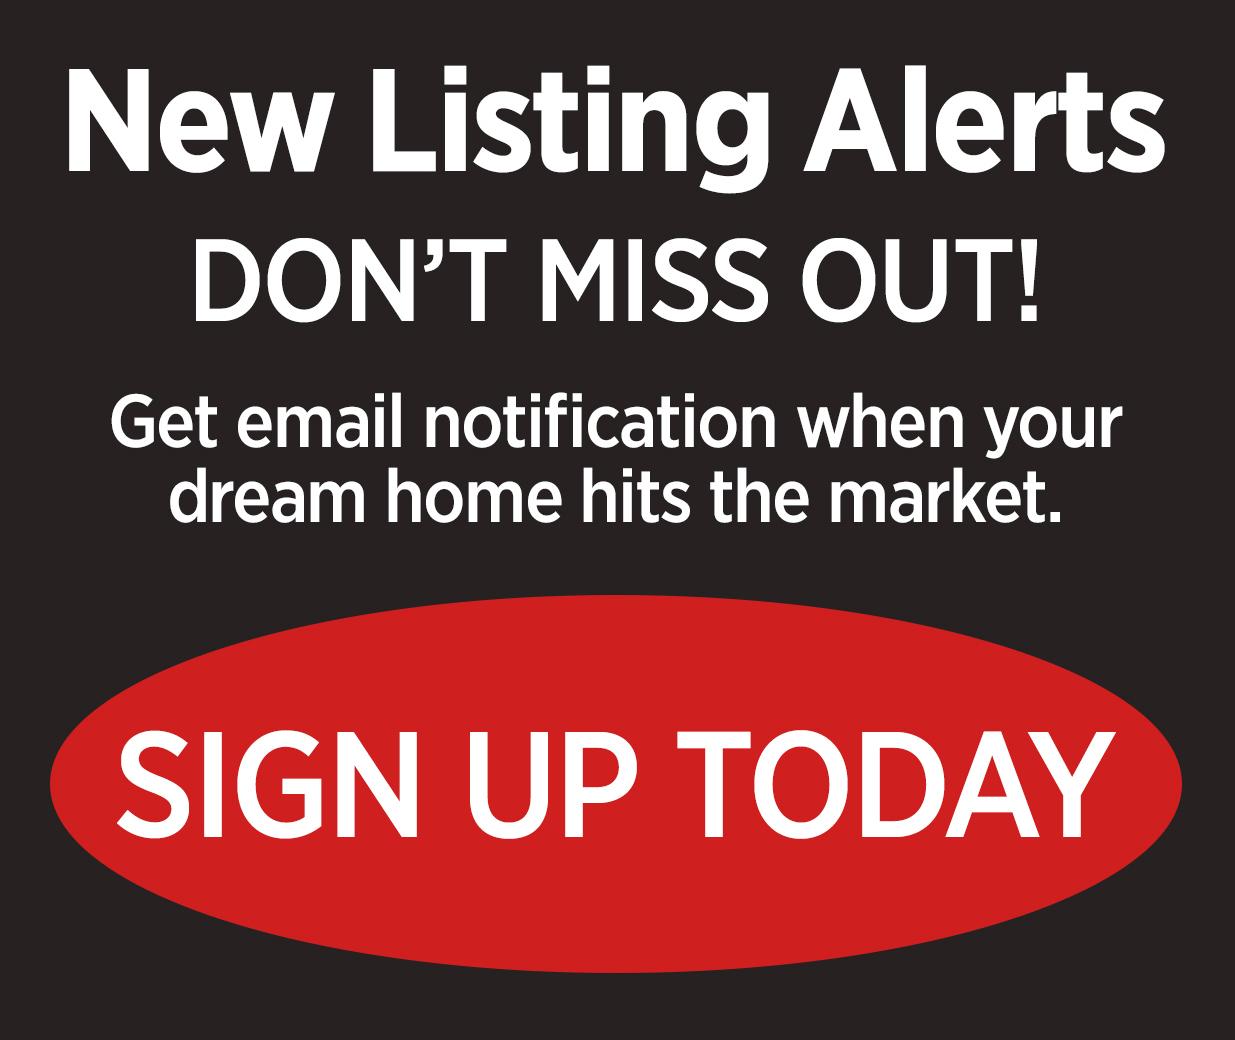 Sign Up for listing alerts OnlyClovisHomes.com